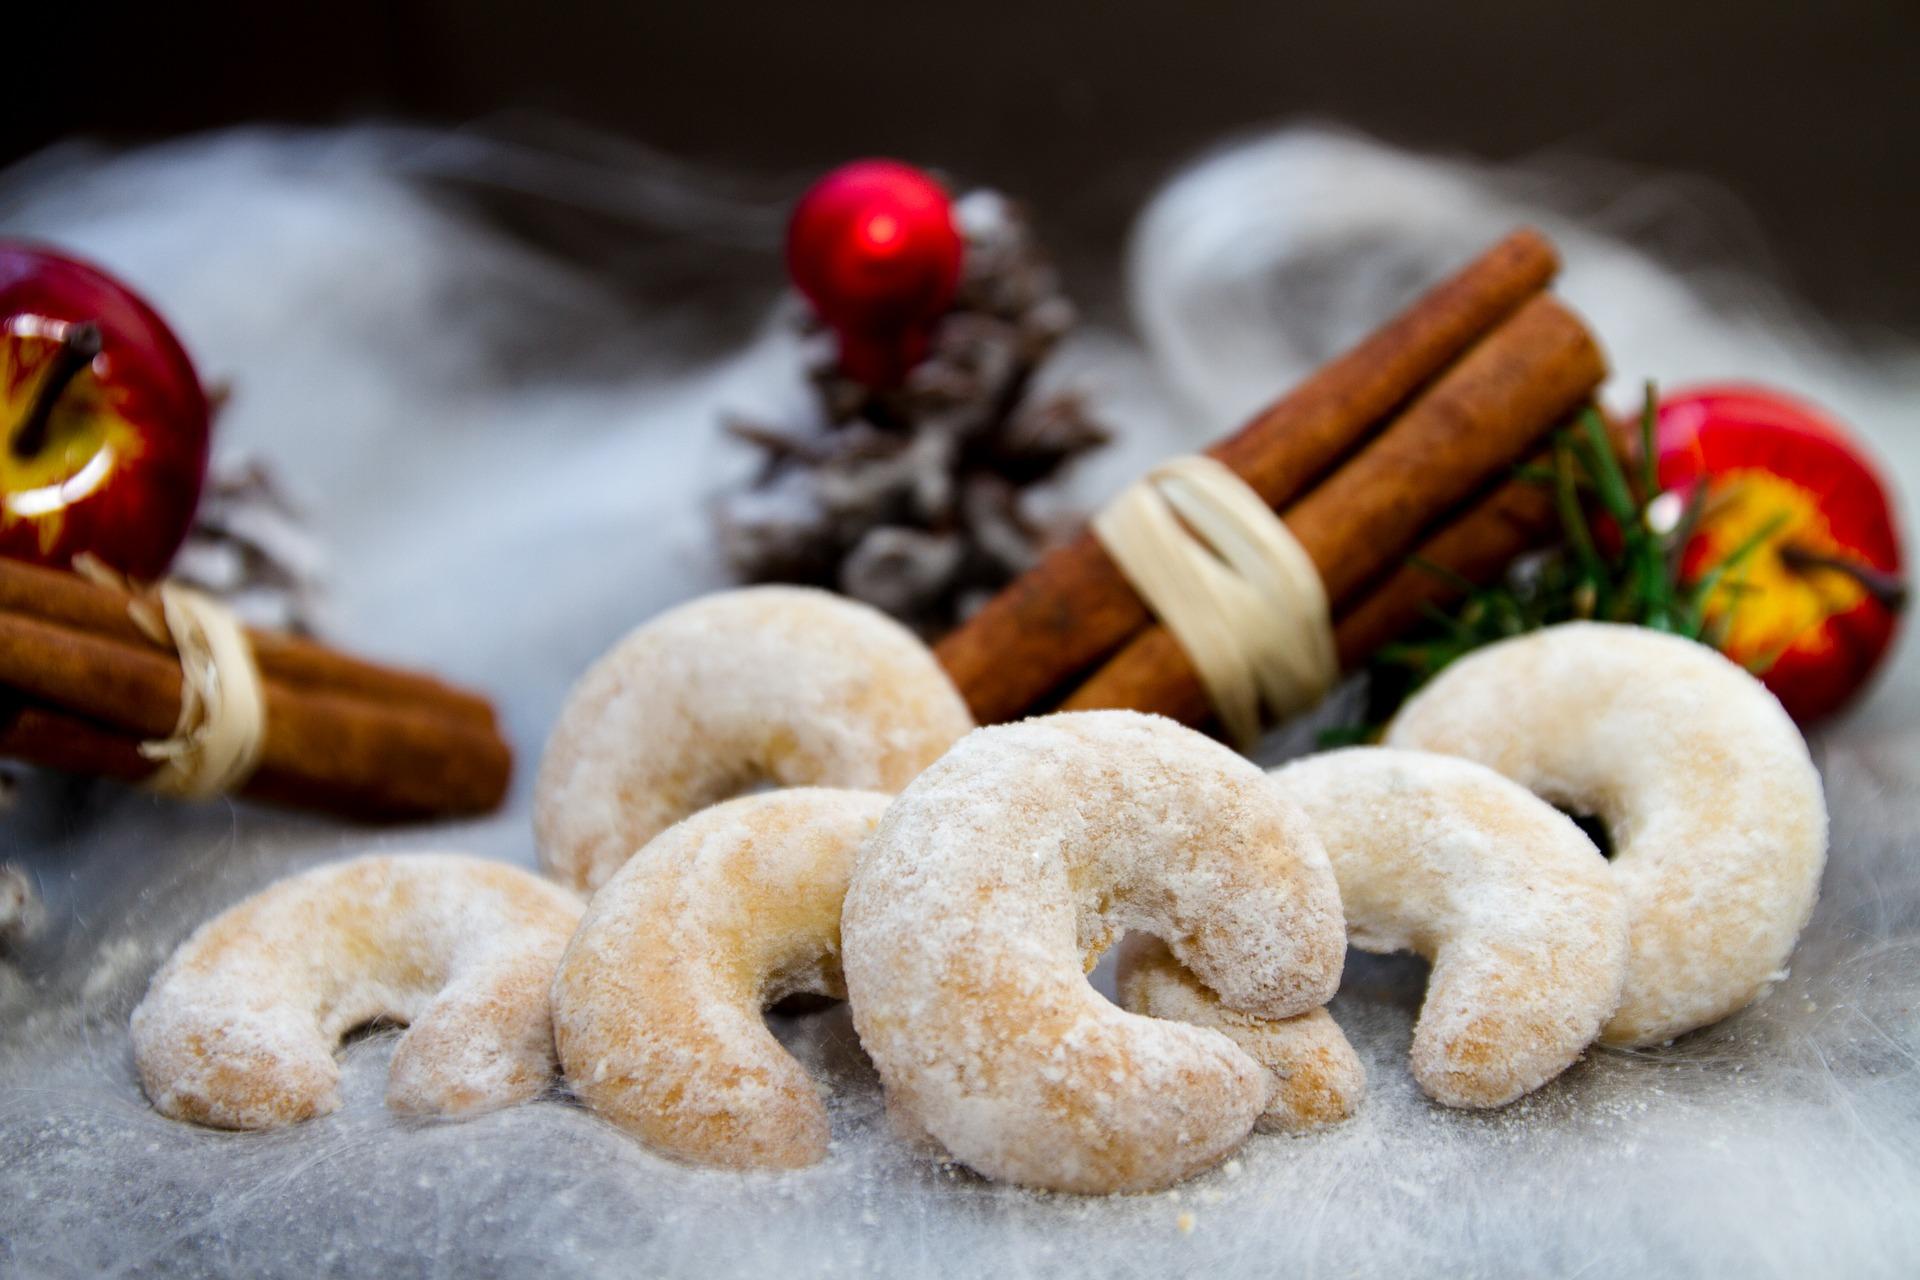 Austrian Holiday Vanillekipferl Cookie Recipe (Vanilla Crescent Cookies)